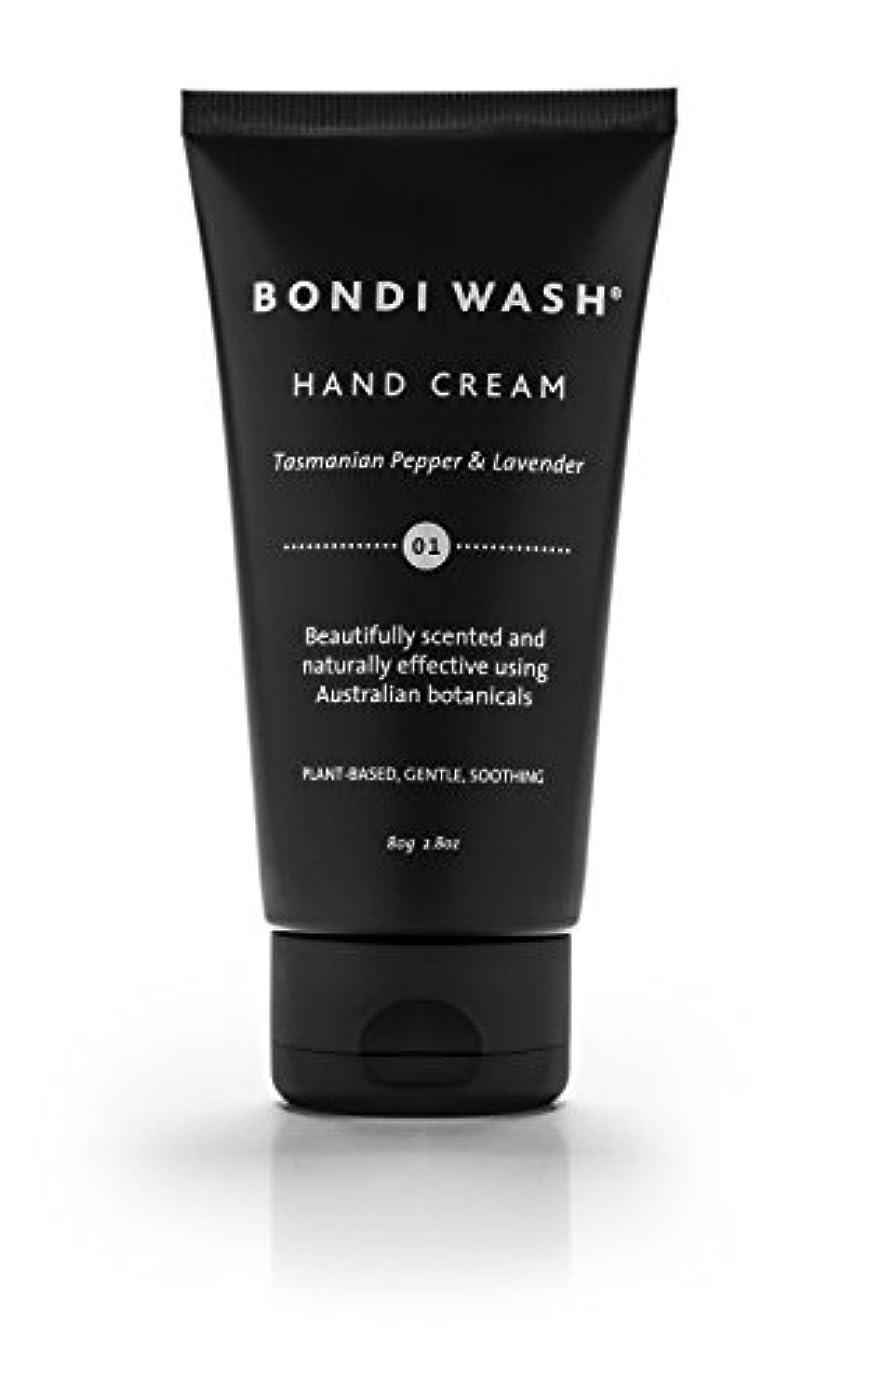 するだろう素敵なかかわらずBONDI WASH ハンドクリーム タスマニアンペッパー&ラベンダー 80g